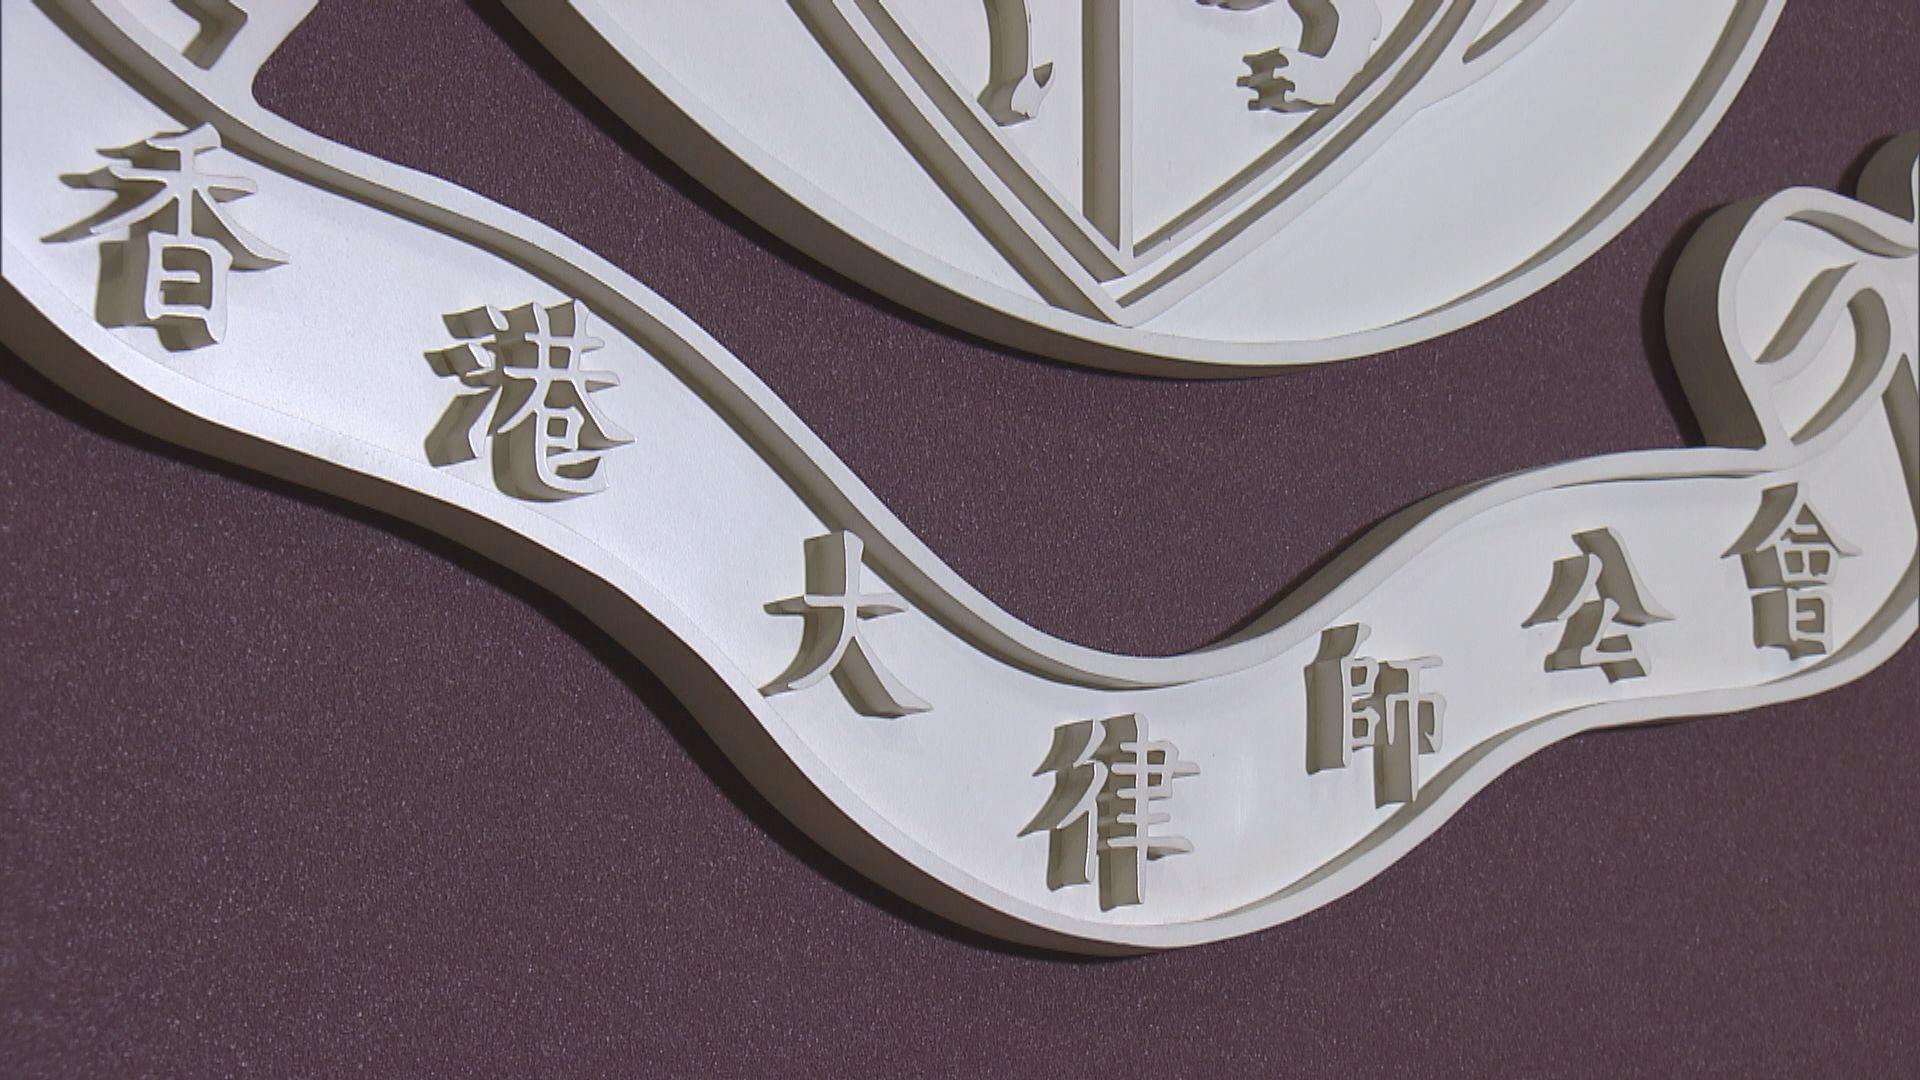 大律師公會:憂香港國安法是否符合基本法及國際公約